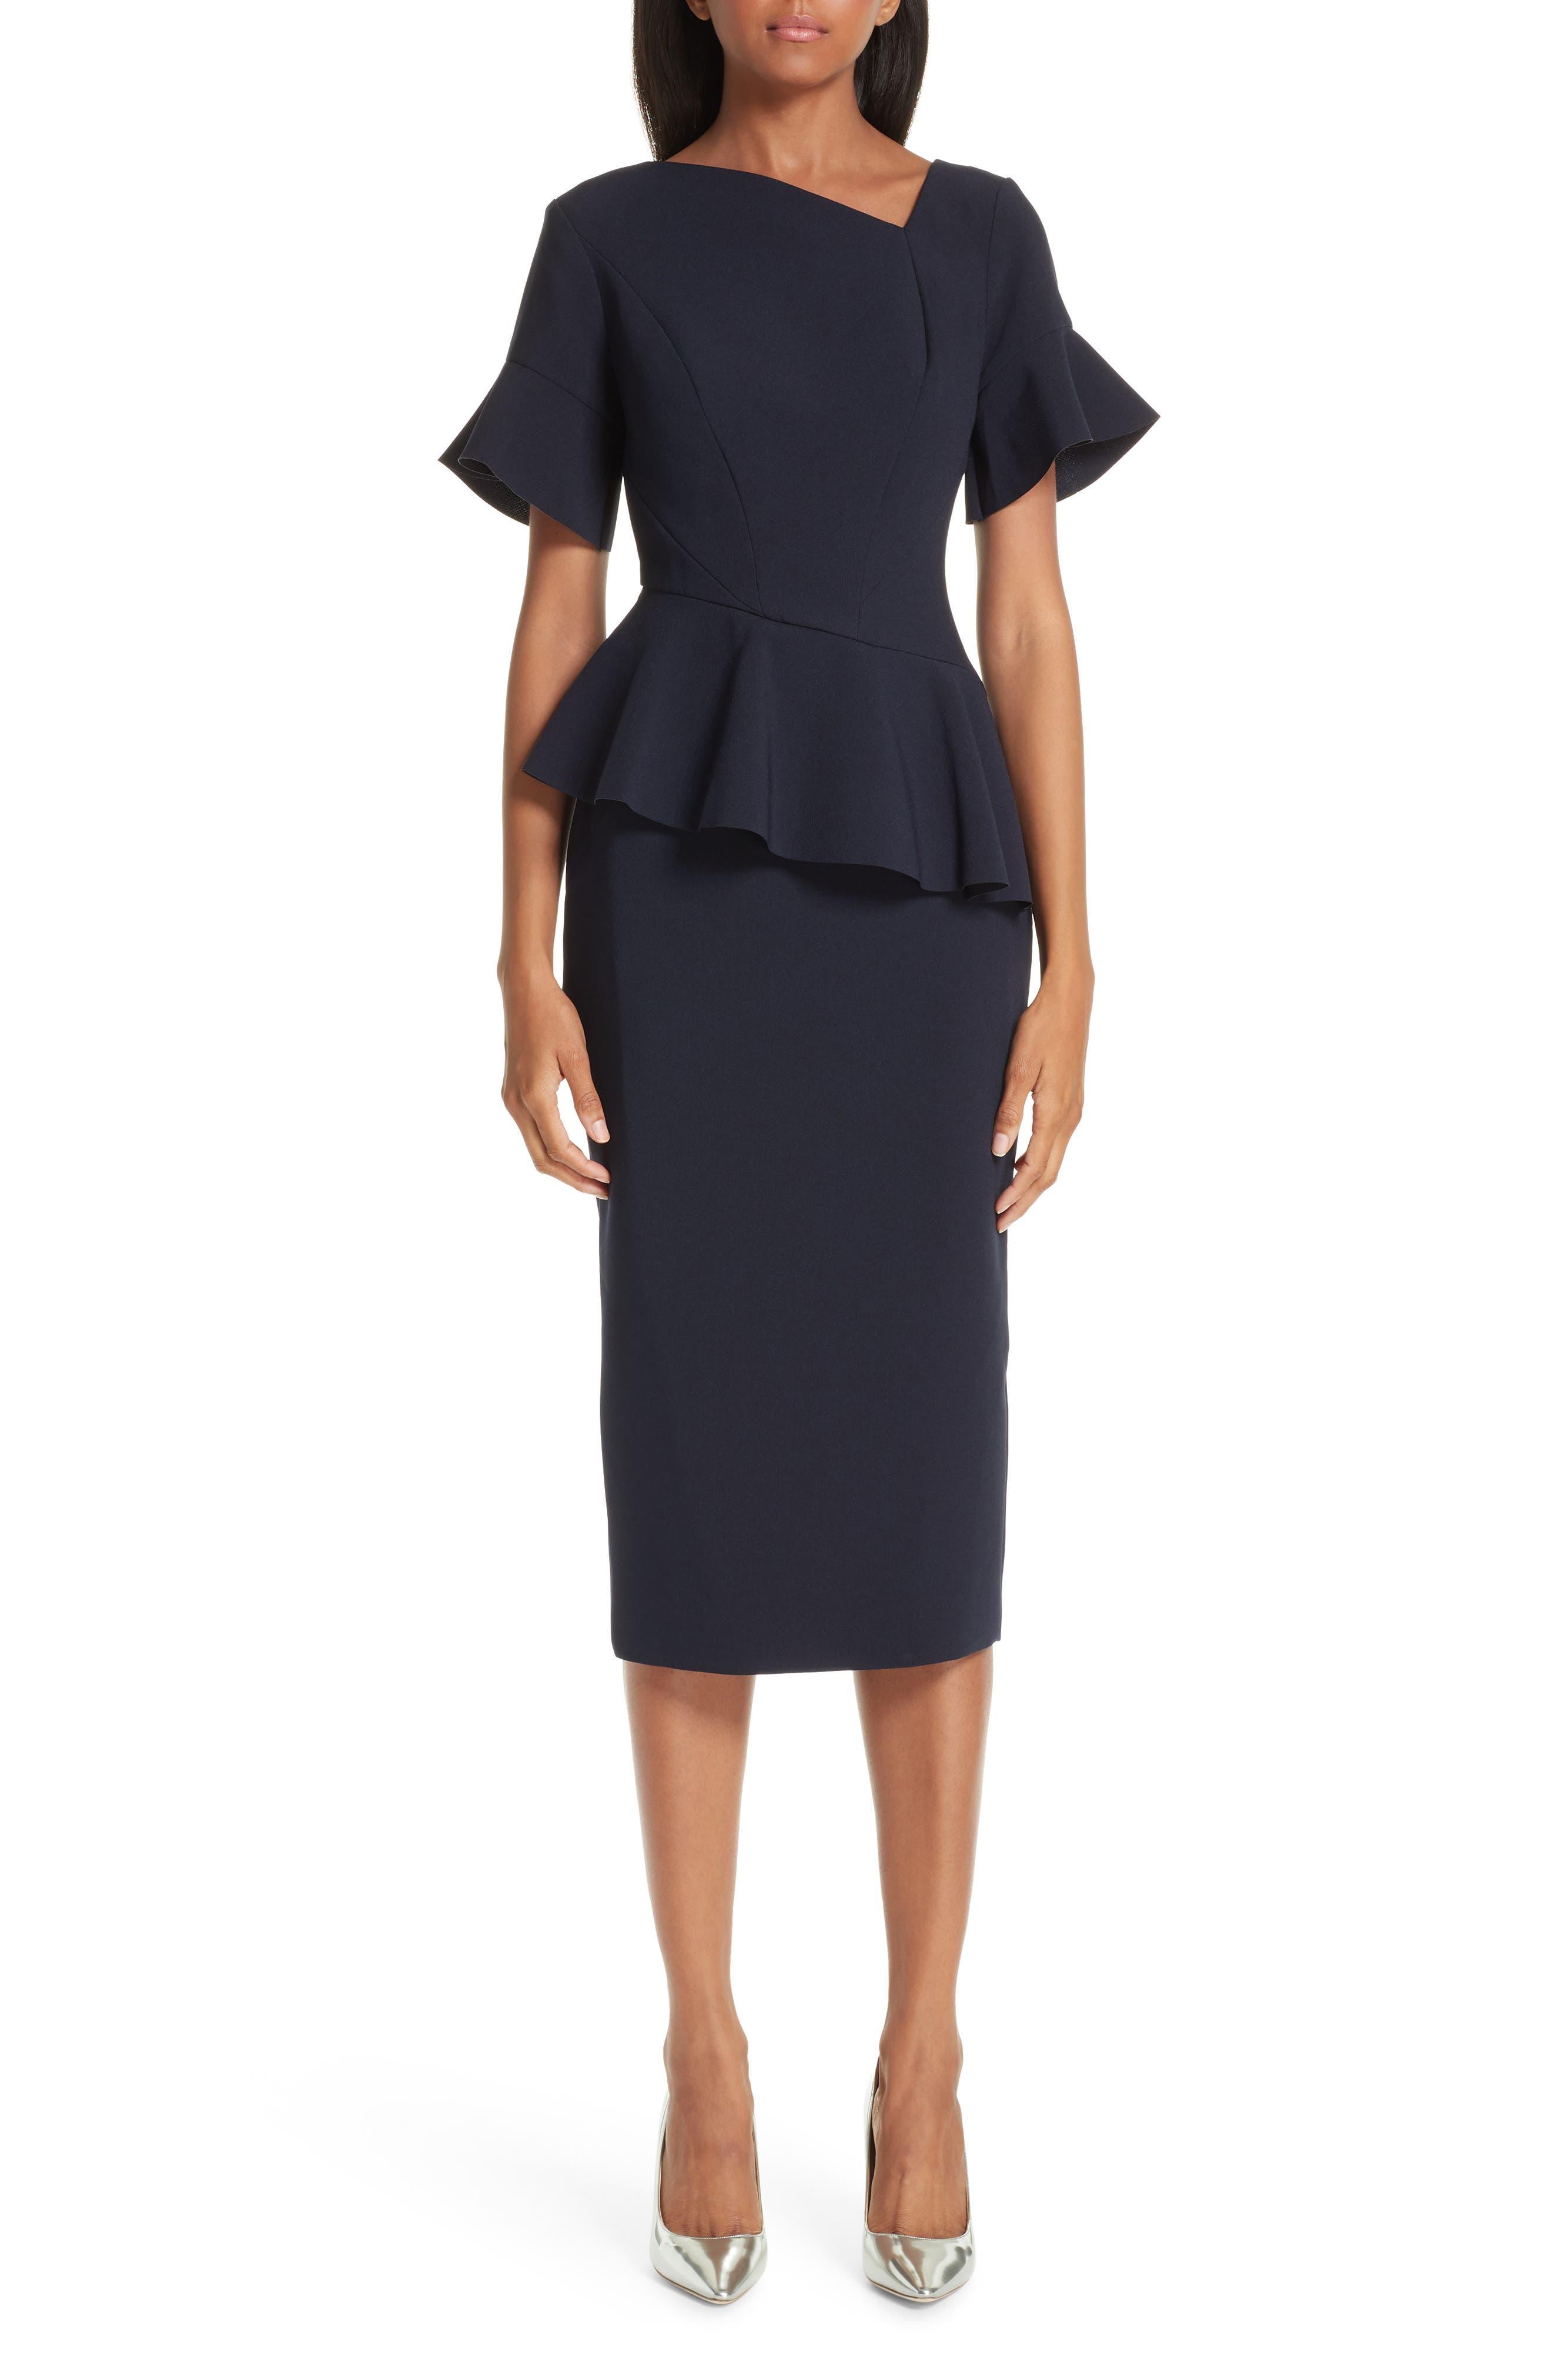 RACHEL GILBERT Farah Peplum Dress, Main, color, 495